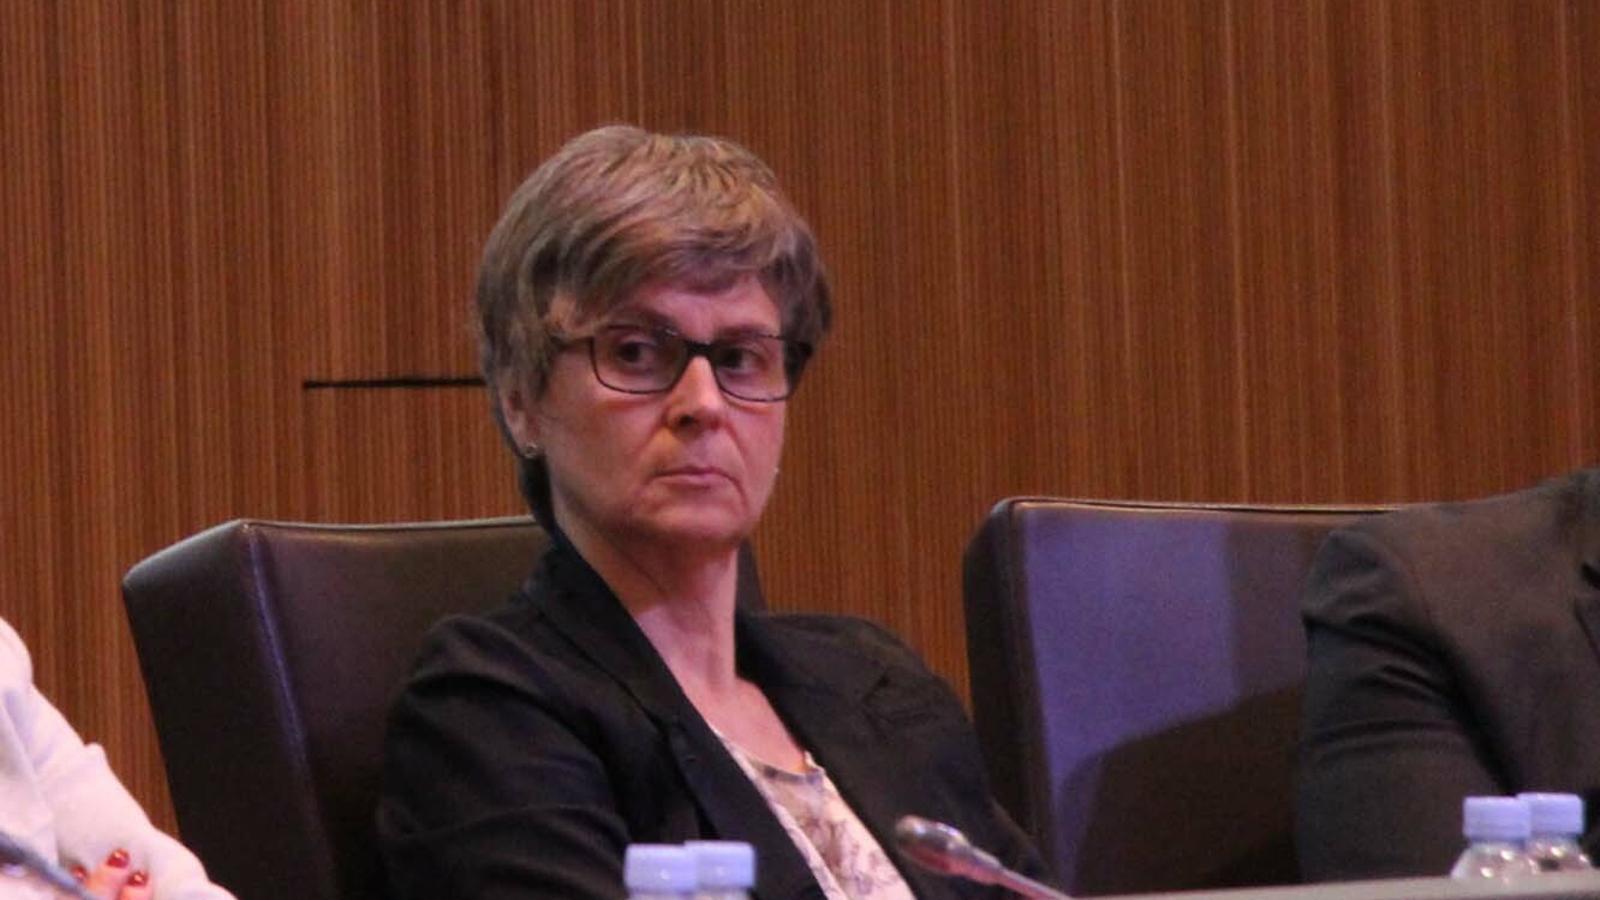 La consellera general del OS Susanna Vela, durant una sessió de Consell general. / M. F.